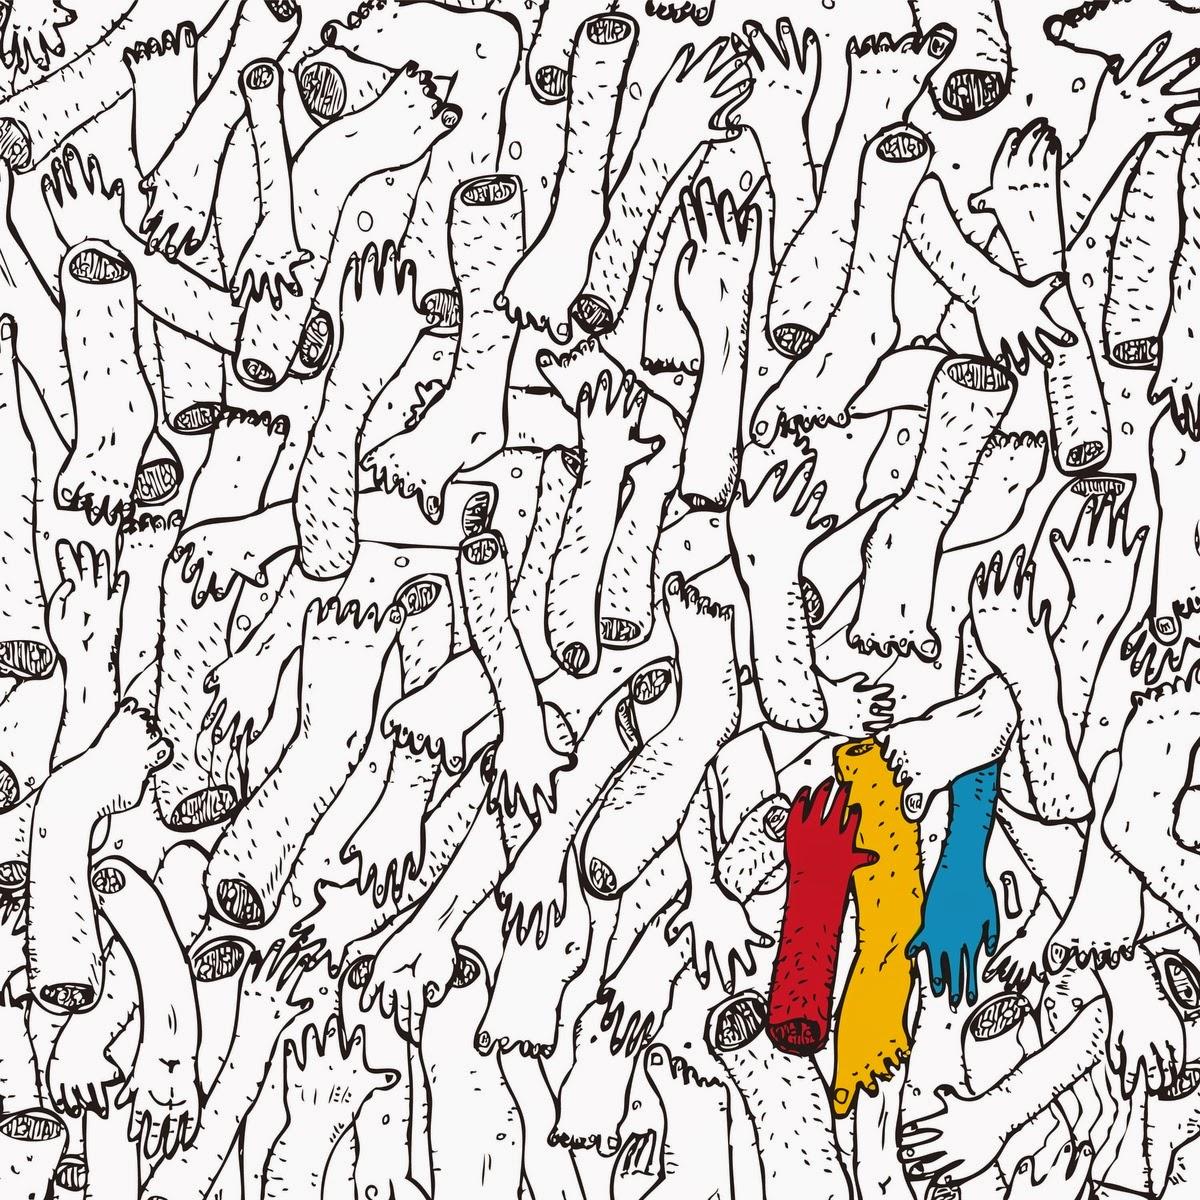 The indie coloring book - Me Hubiera Gustado Ver Un Libro Para Colorear Concebido Por M Sicos Como Jimmy Hendrix Frank Zappa David Bowie Led Zeppelin The Beatles Yes